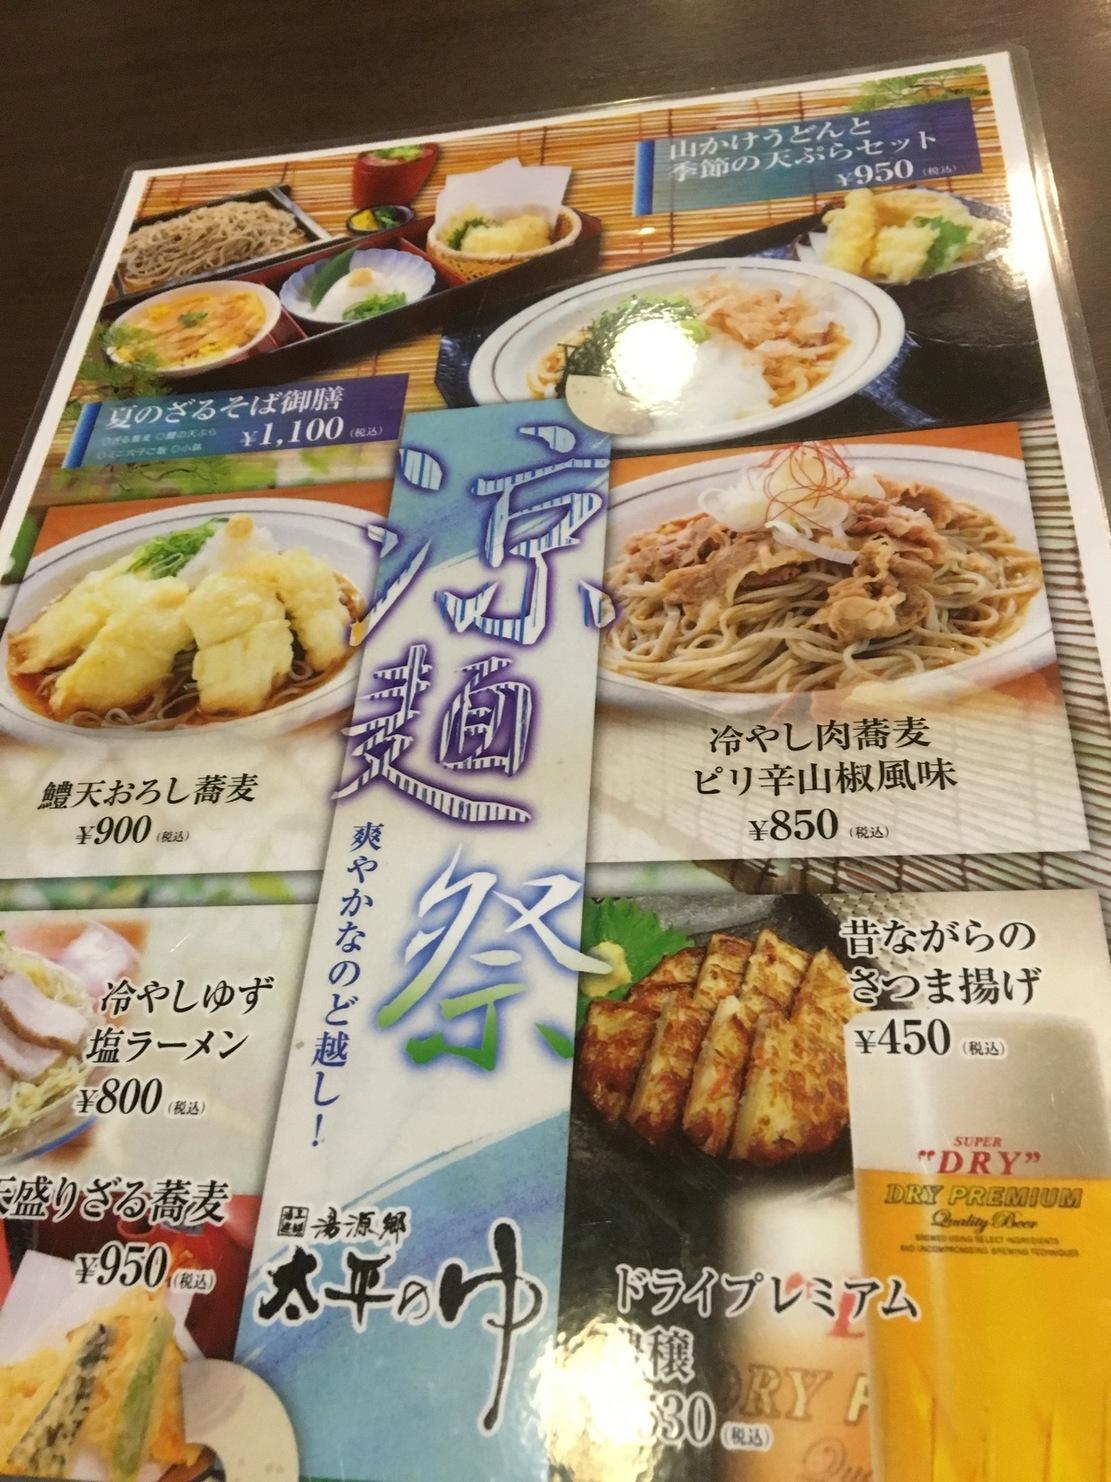 湯源郷 太平の湯 食事処 忠岡店